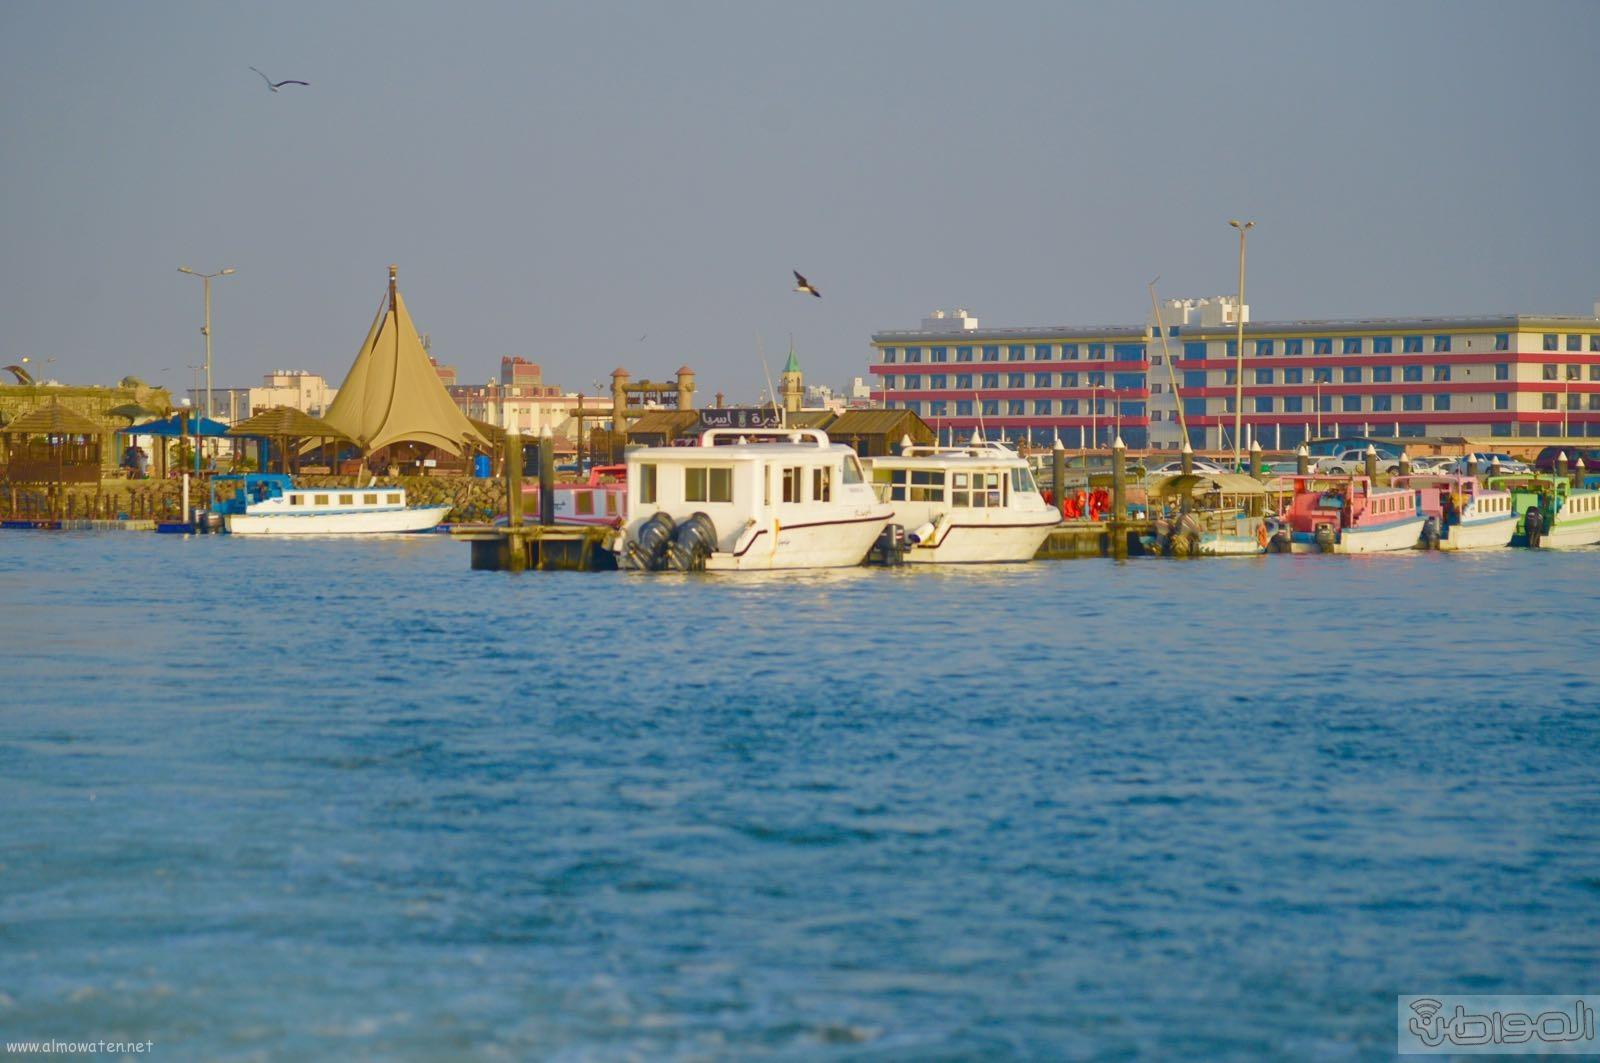 اول جزيرة يتم تهيئتها للسياحة بالمملكة (13)